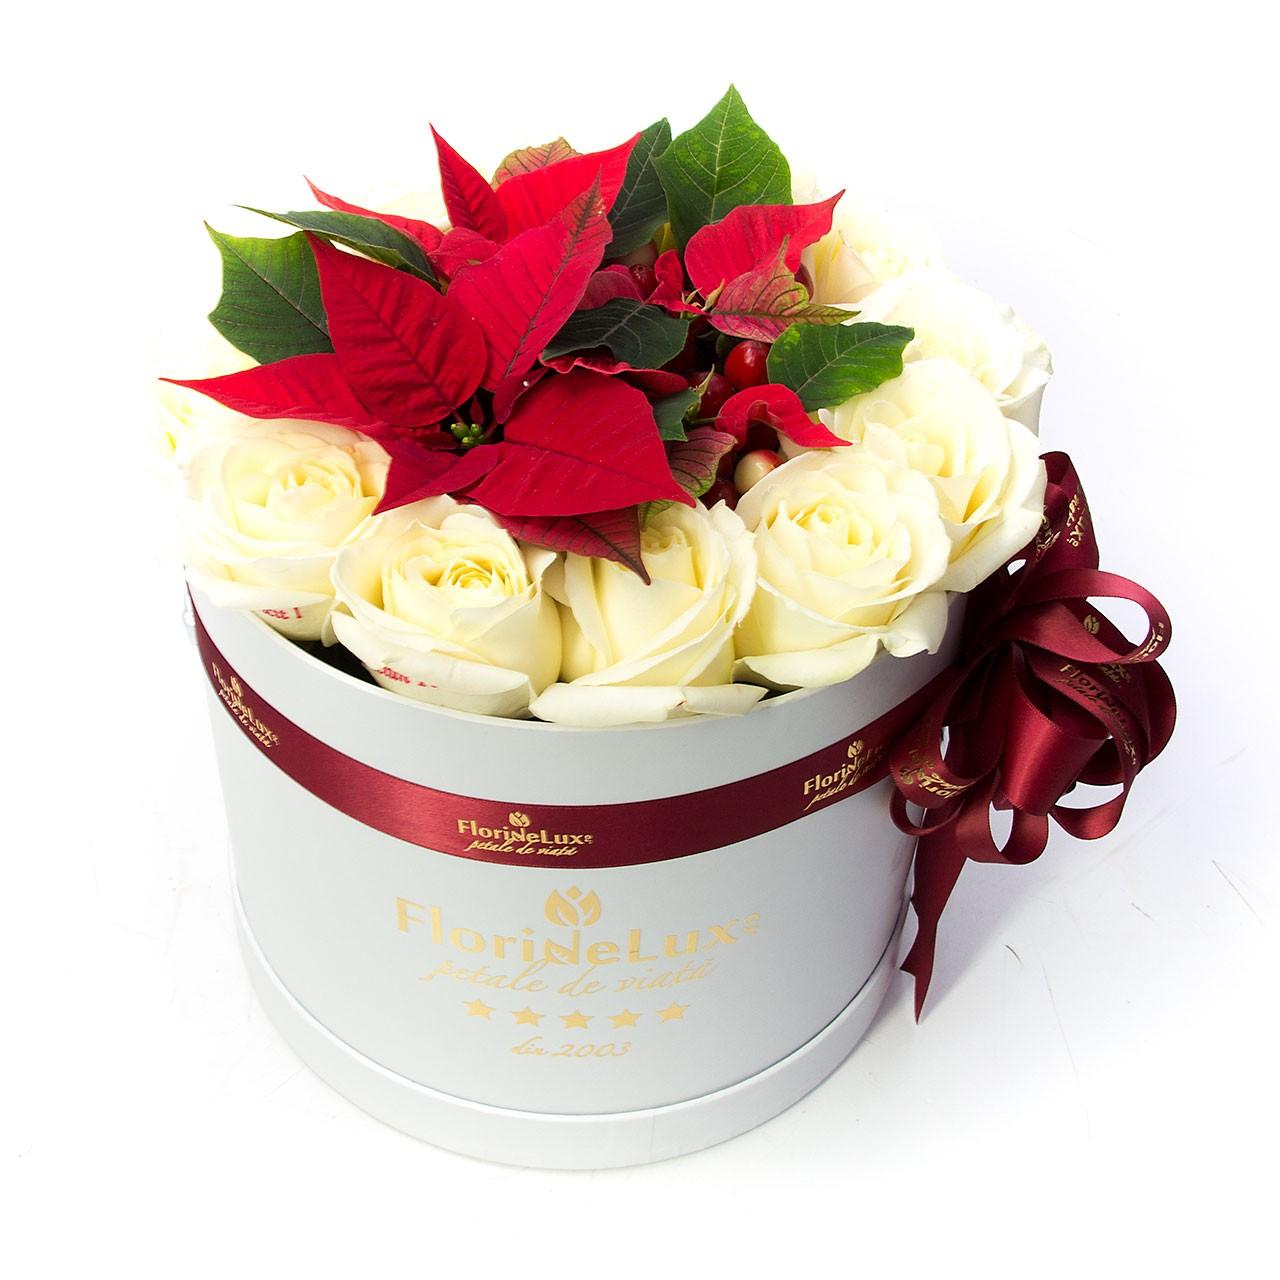 Craciunite flori cu mesaje, craciunite in cutii